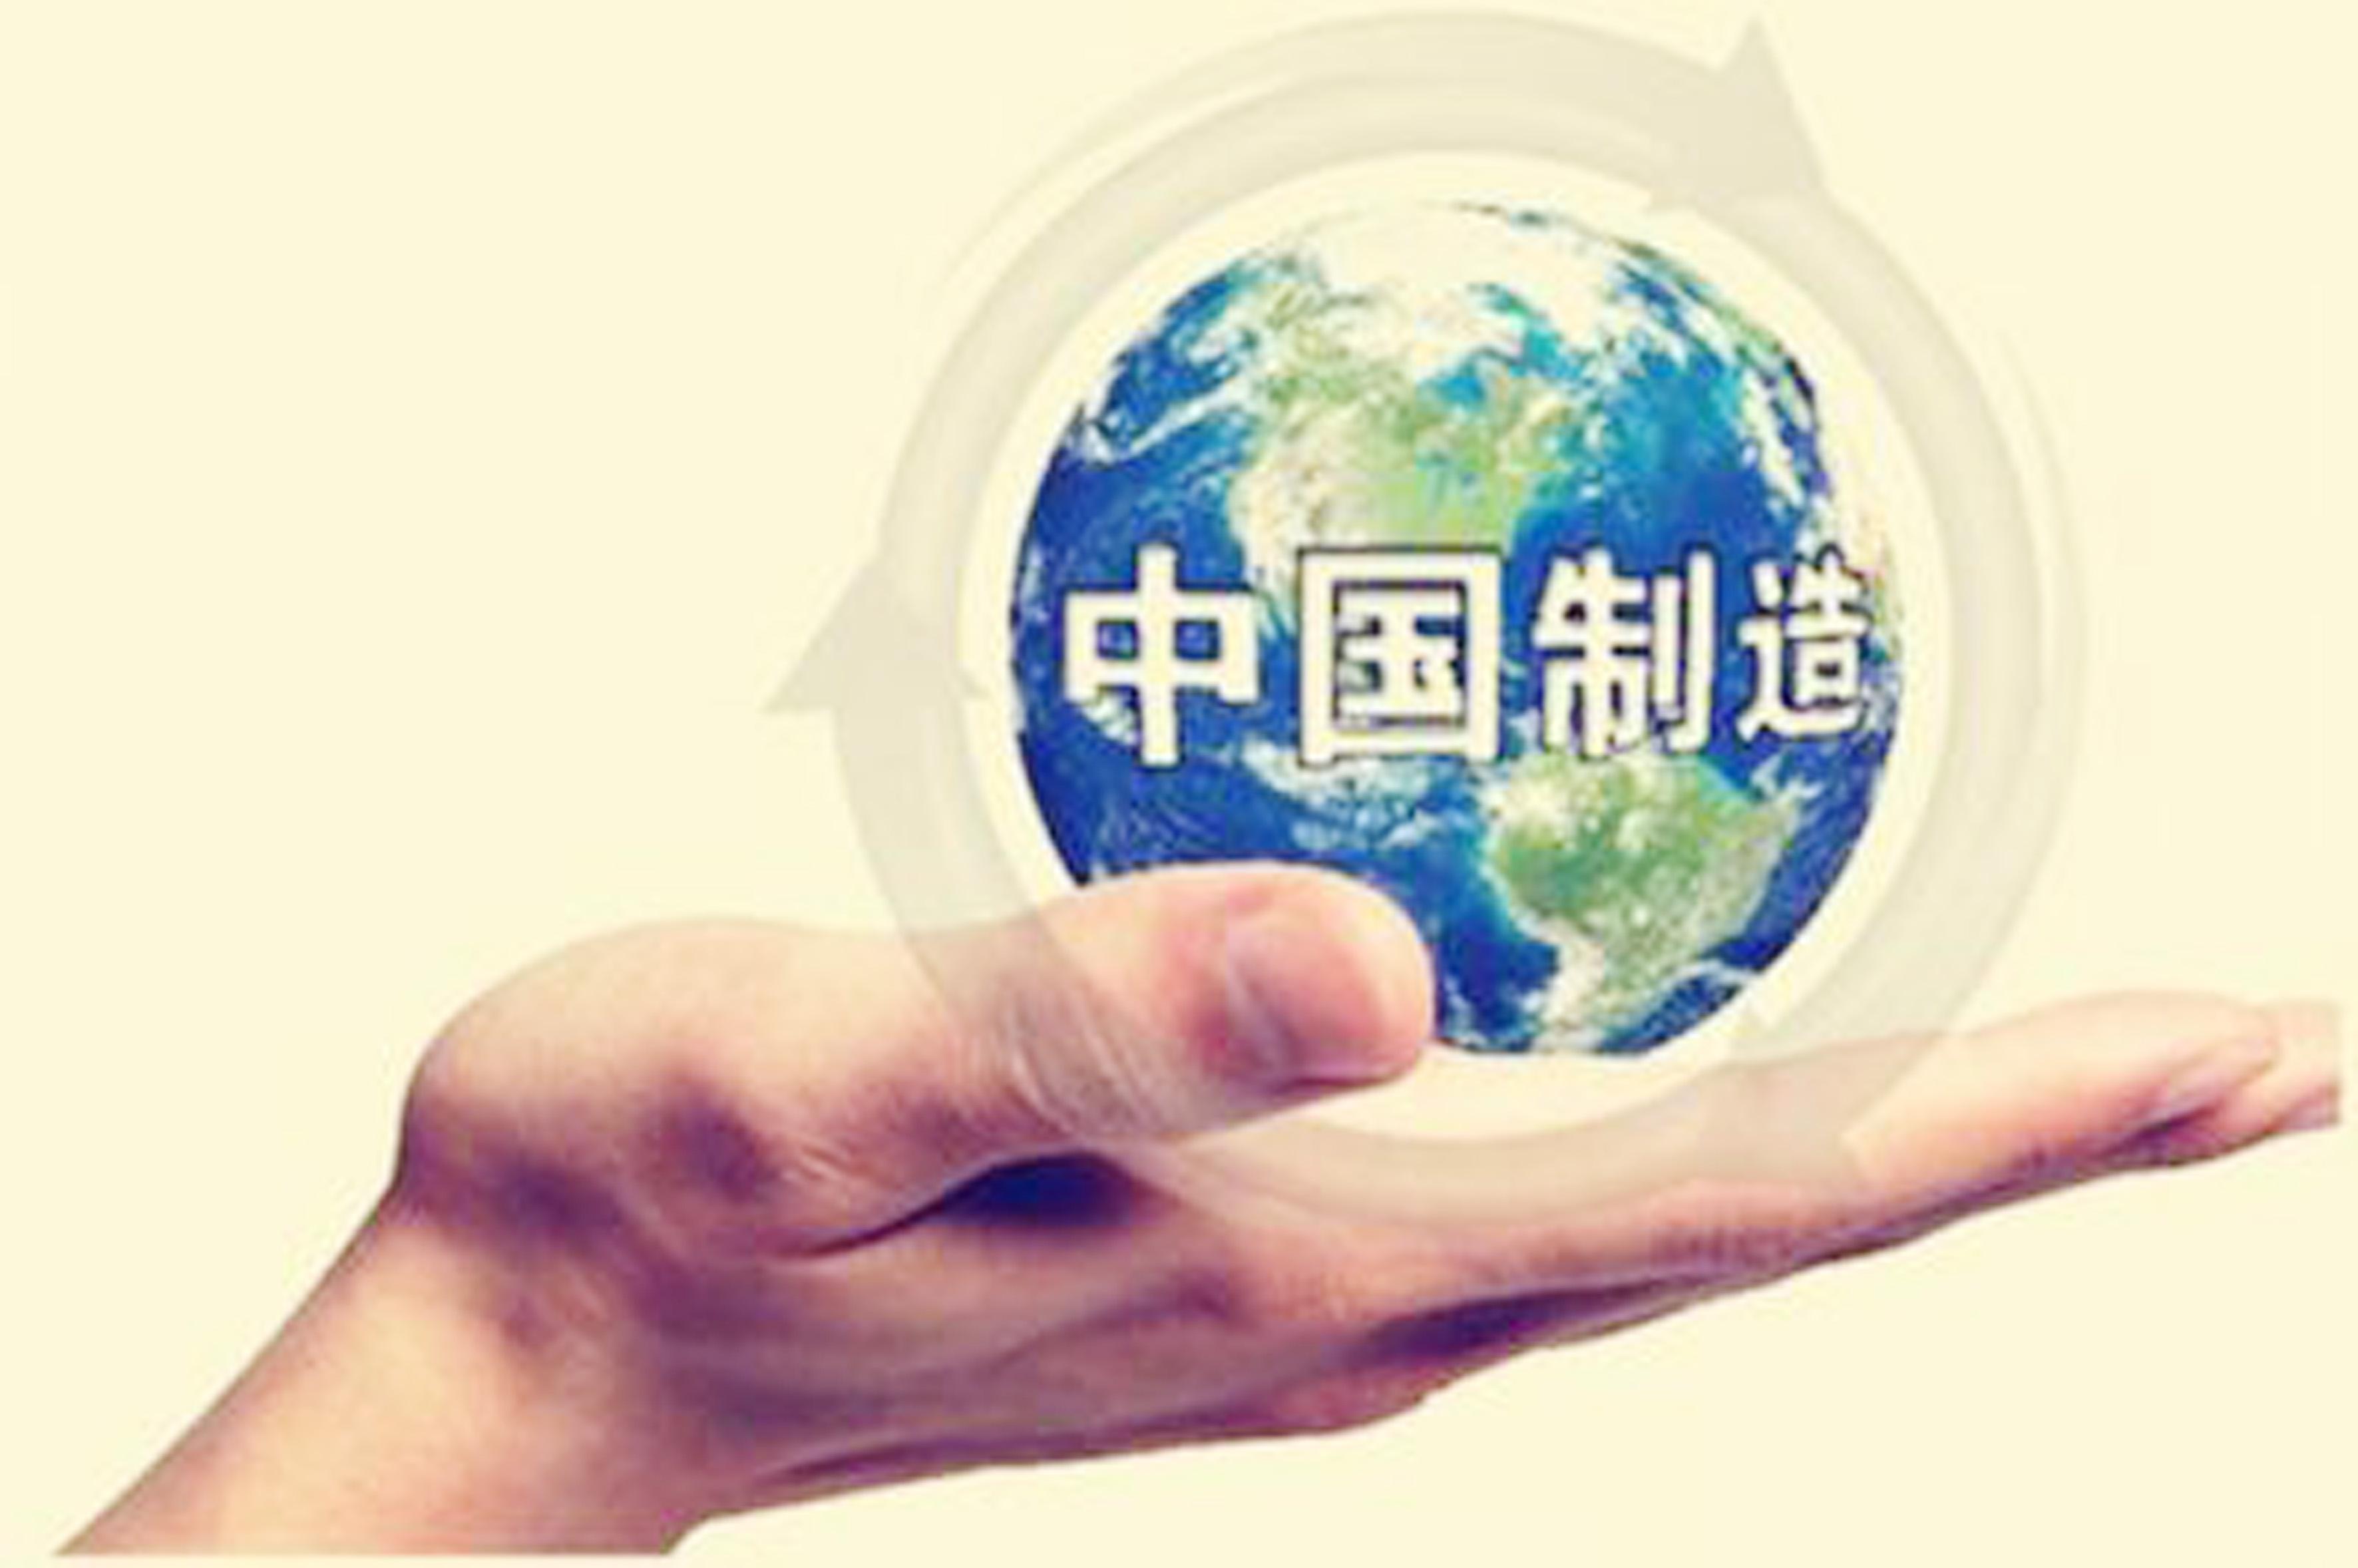 中國制造業的未來發展將如何實現逆勢增長